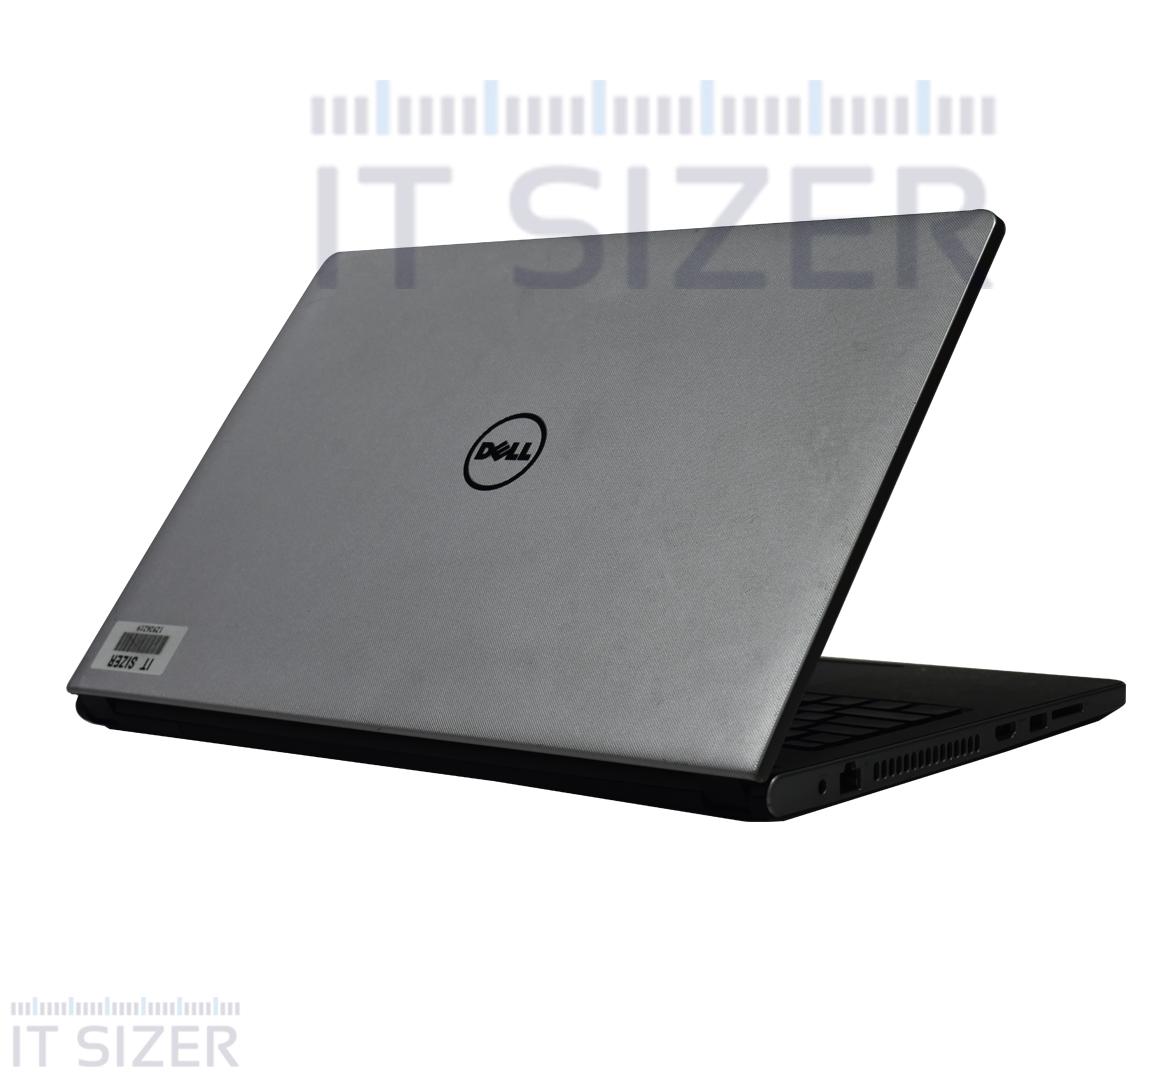 Dell Inspiron 5559 Business Laptop, Intel Core i5-6200U CPU, 8GB DDR3L SODIMM RAM, 750GB SATA 2.5 Hard, 15 inch Display, Windows 10 Pro (Renewed)